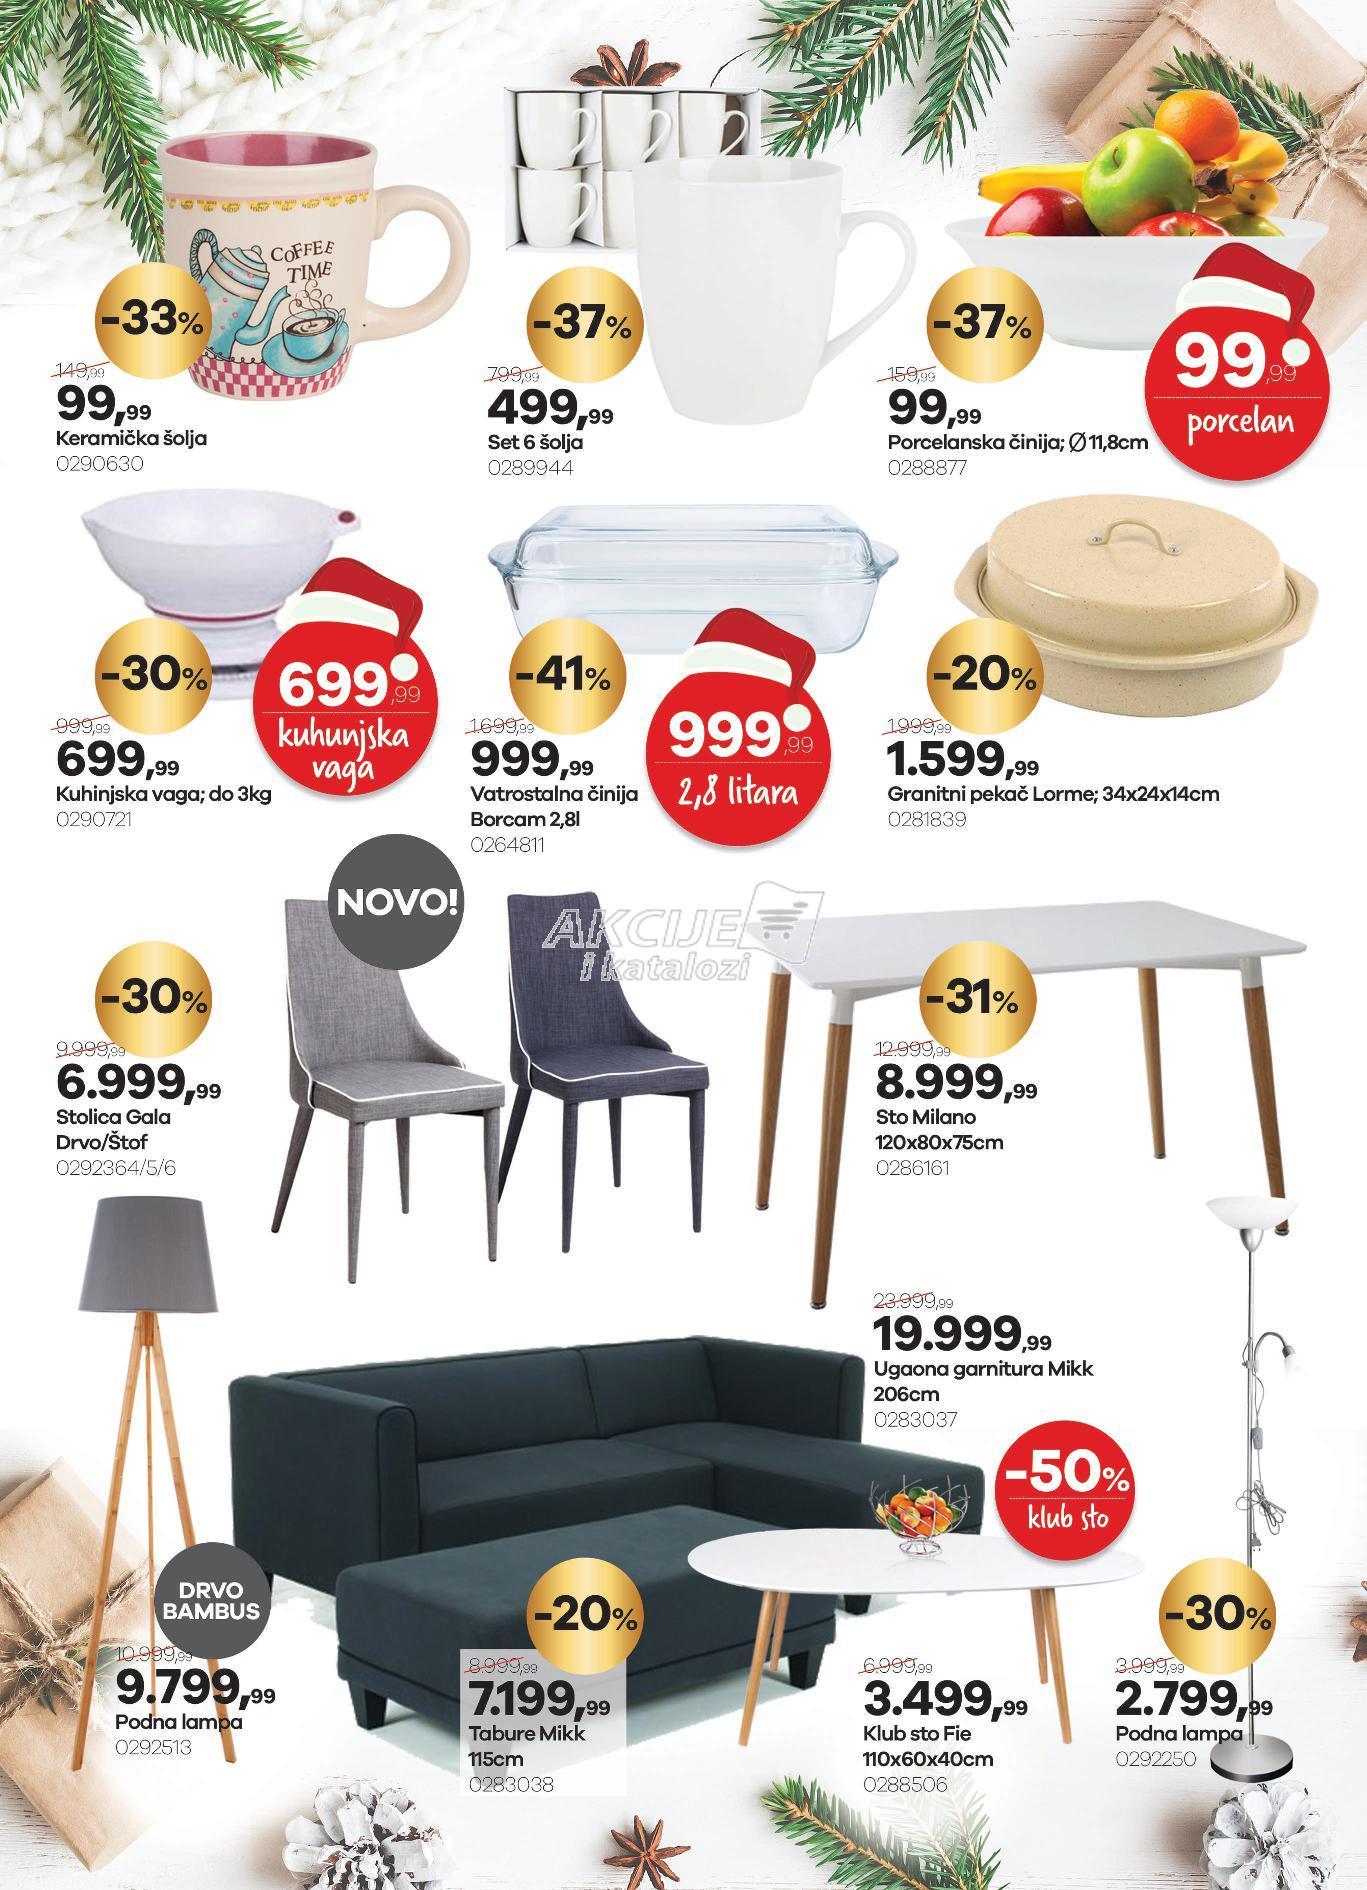 Home Plus akcija jelke na vreme u pola cene